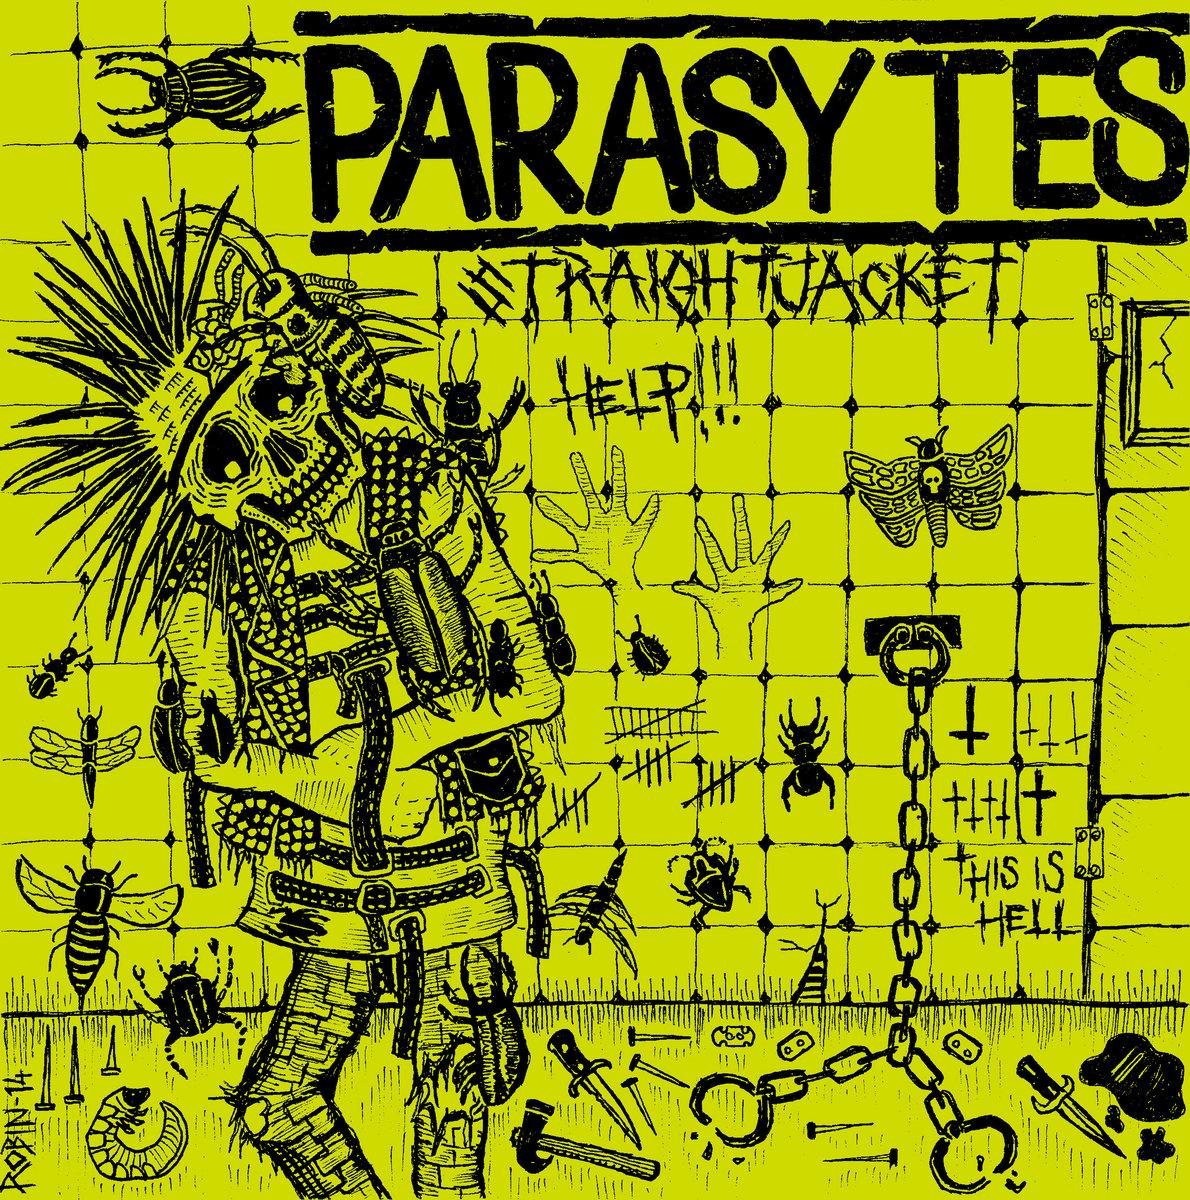 PARASYTES